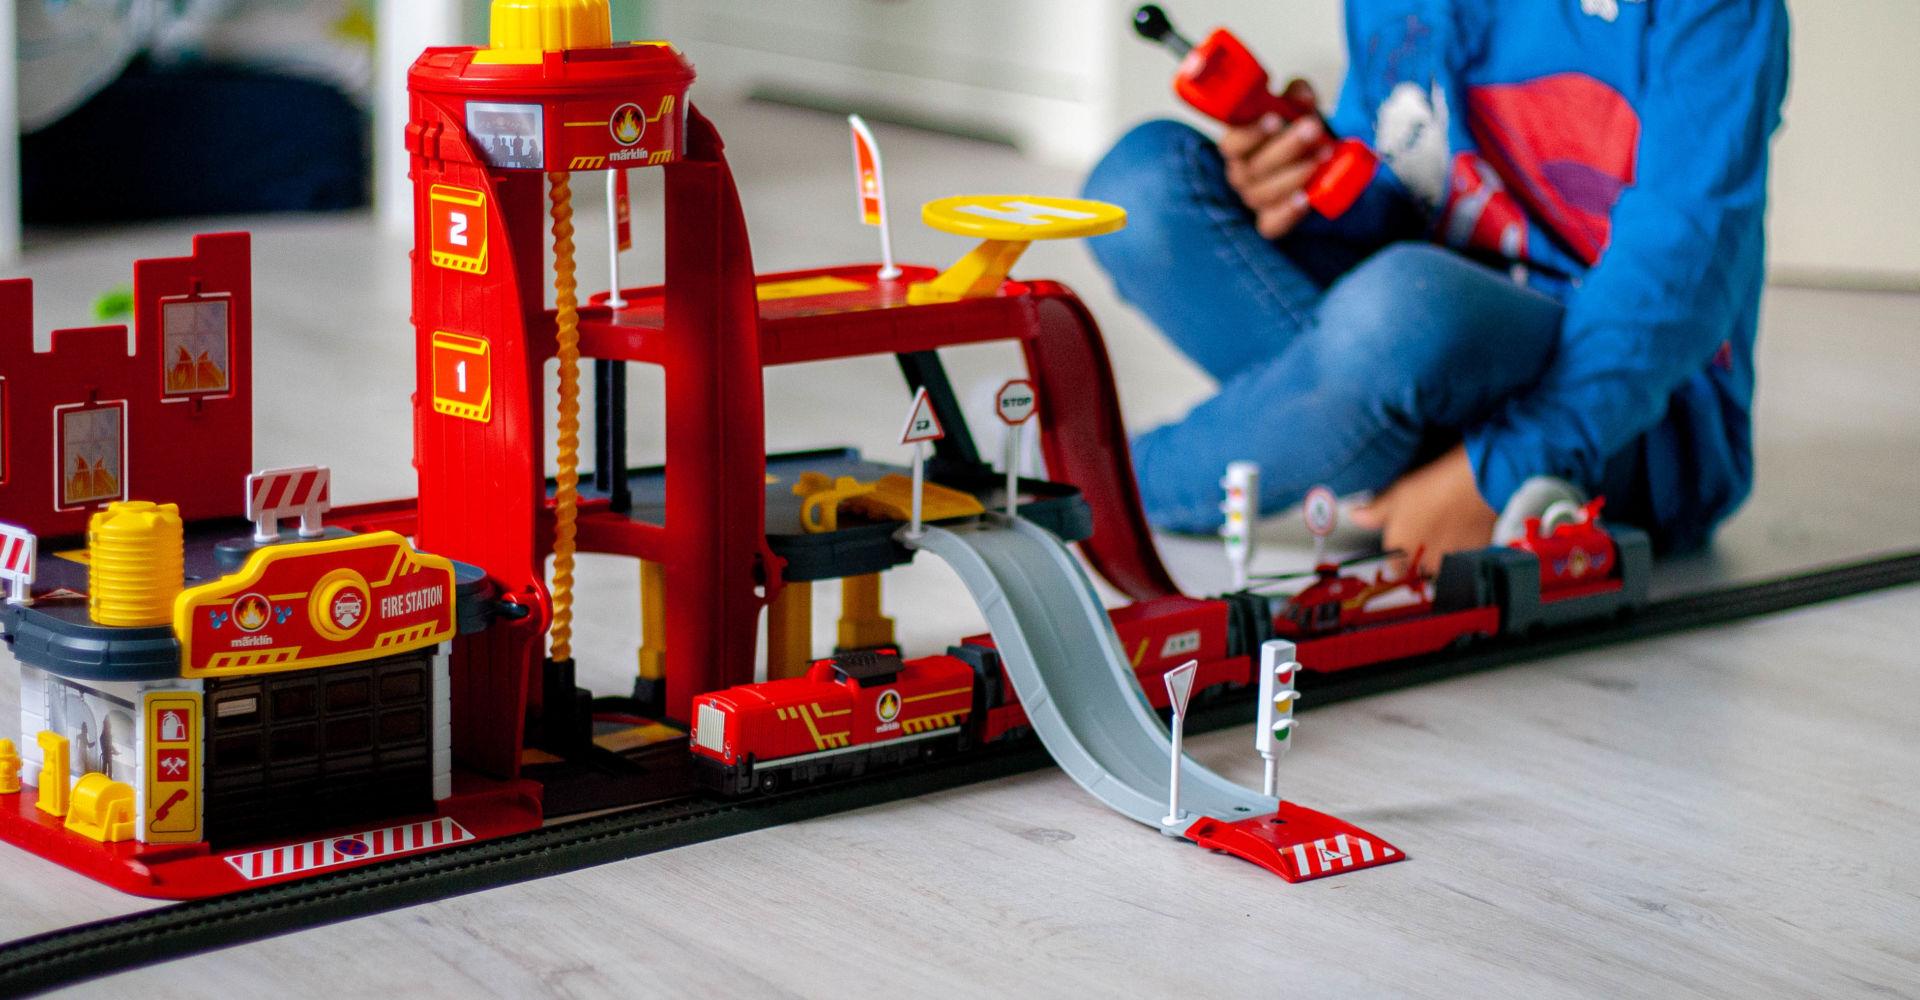 Anzeige: Geschenke nachhaltig verpacken mit der Märklin my world Spielzeugeisenbahn